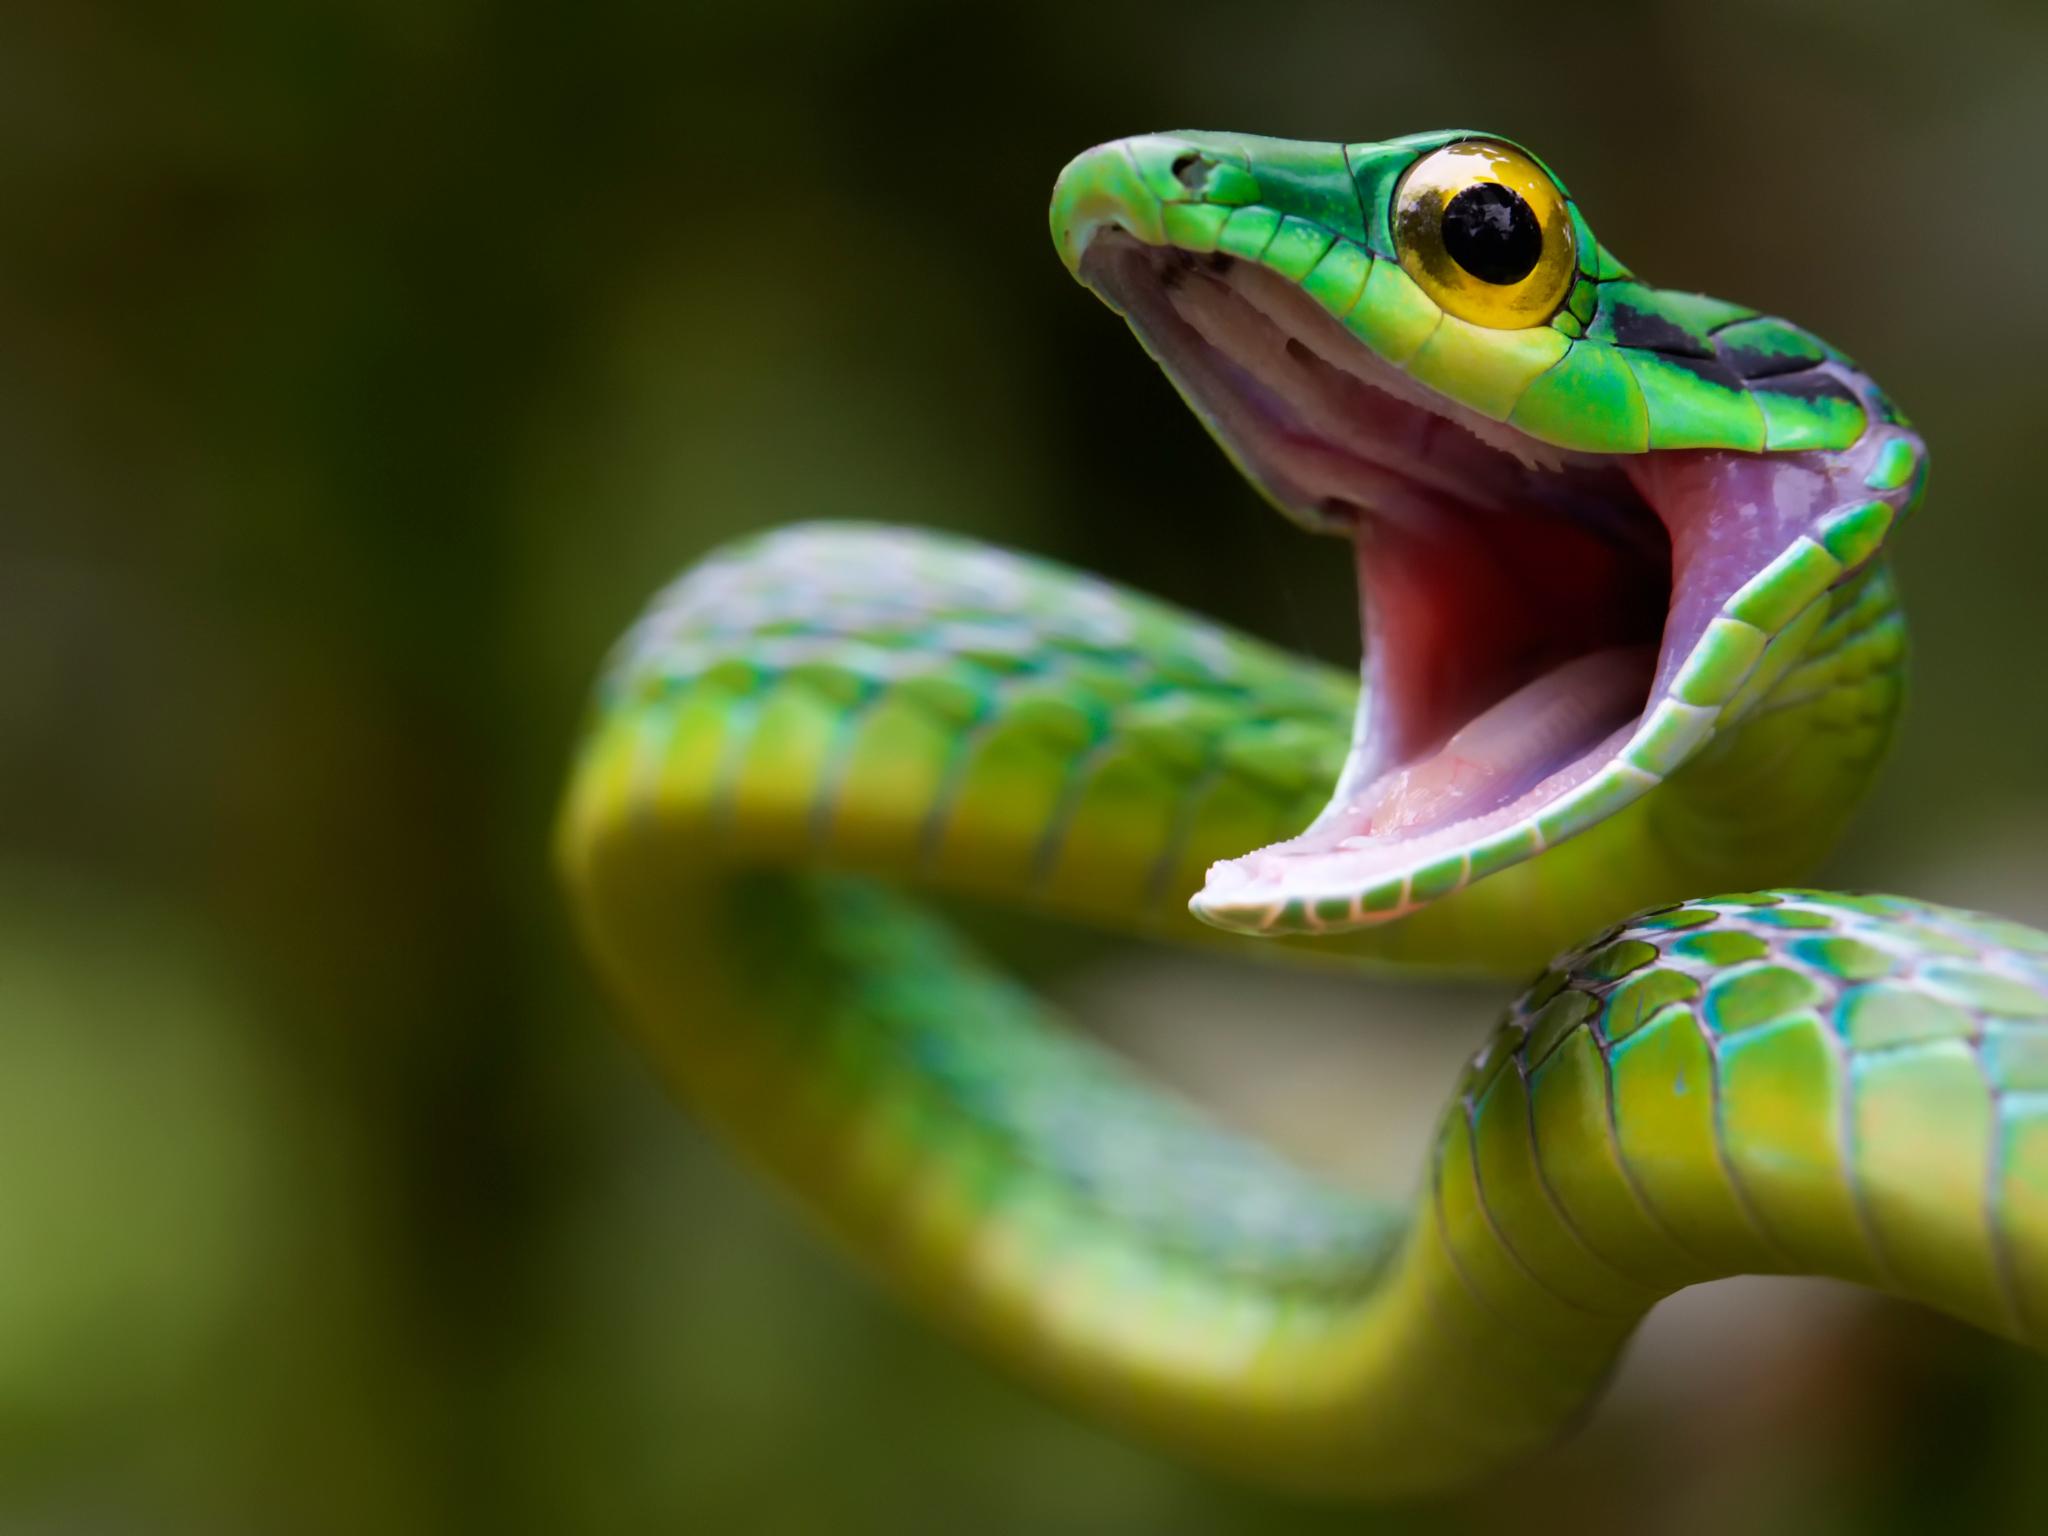 131501 Hintergrundbild herunterladen Tiere, Schlange, Grüne Schlange, Costa Rica - Bildschirmschoner und Bilder kostenlos